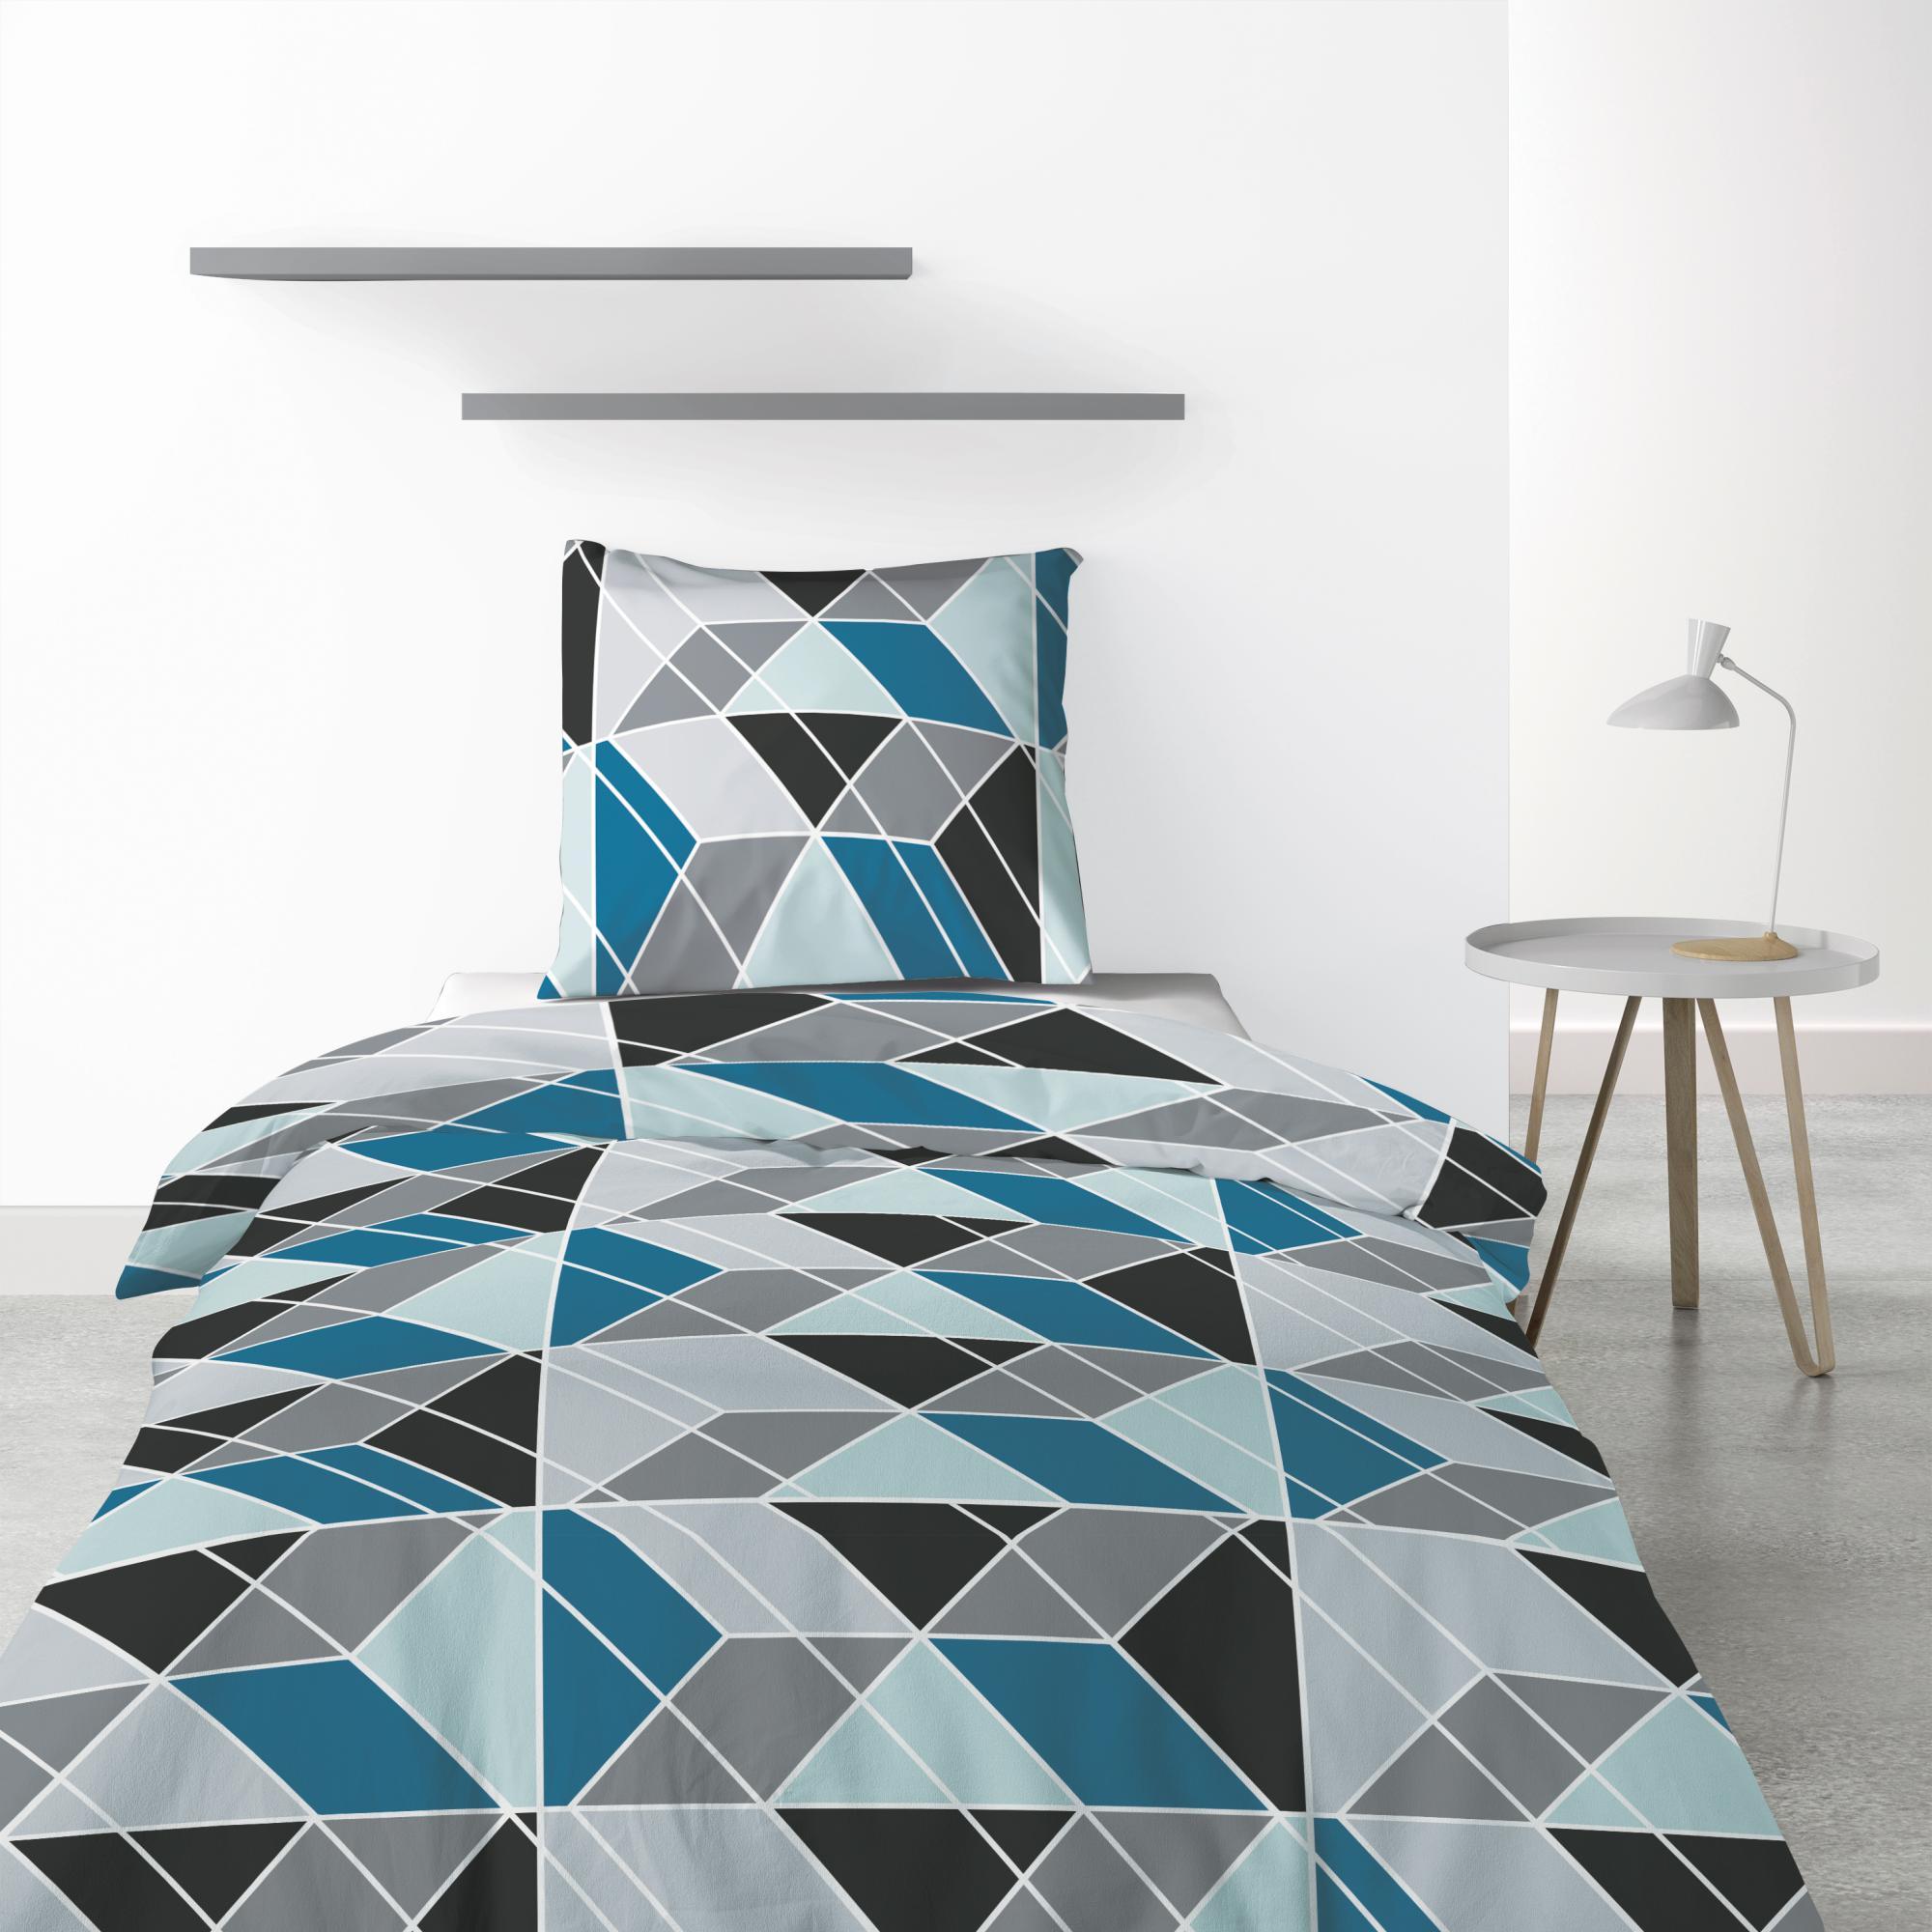 Parure de lit 1 personne Blutry avec housse de couette et taie d'oreiller Imprimé 140 x 200